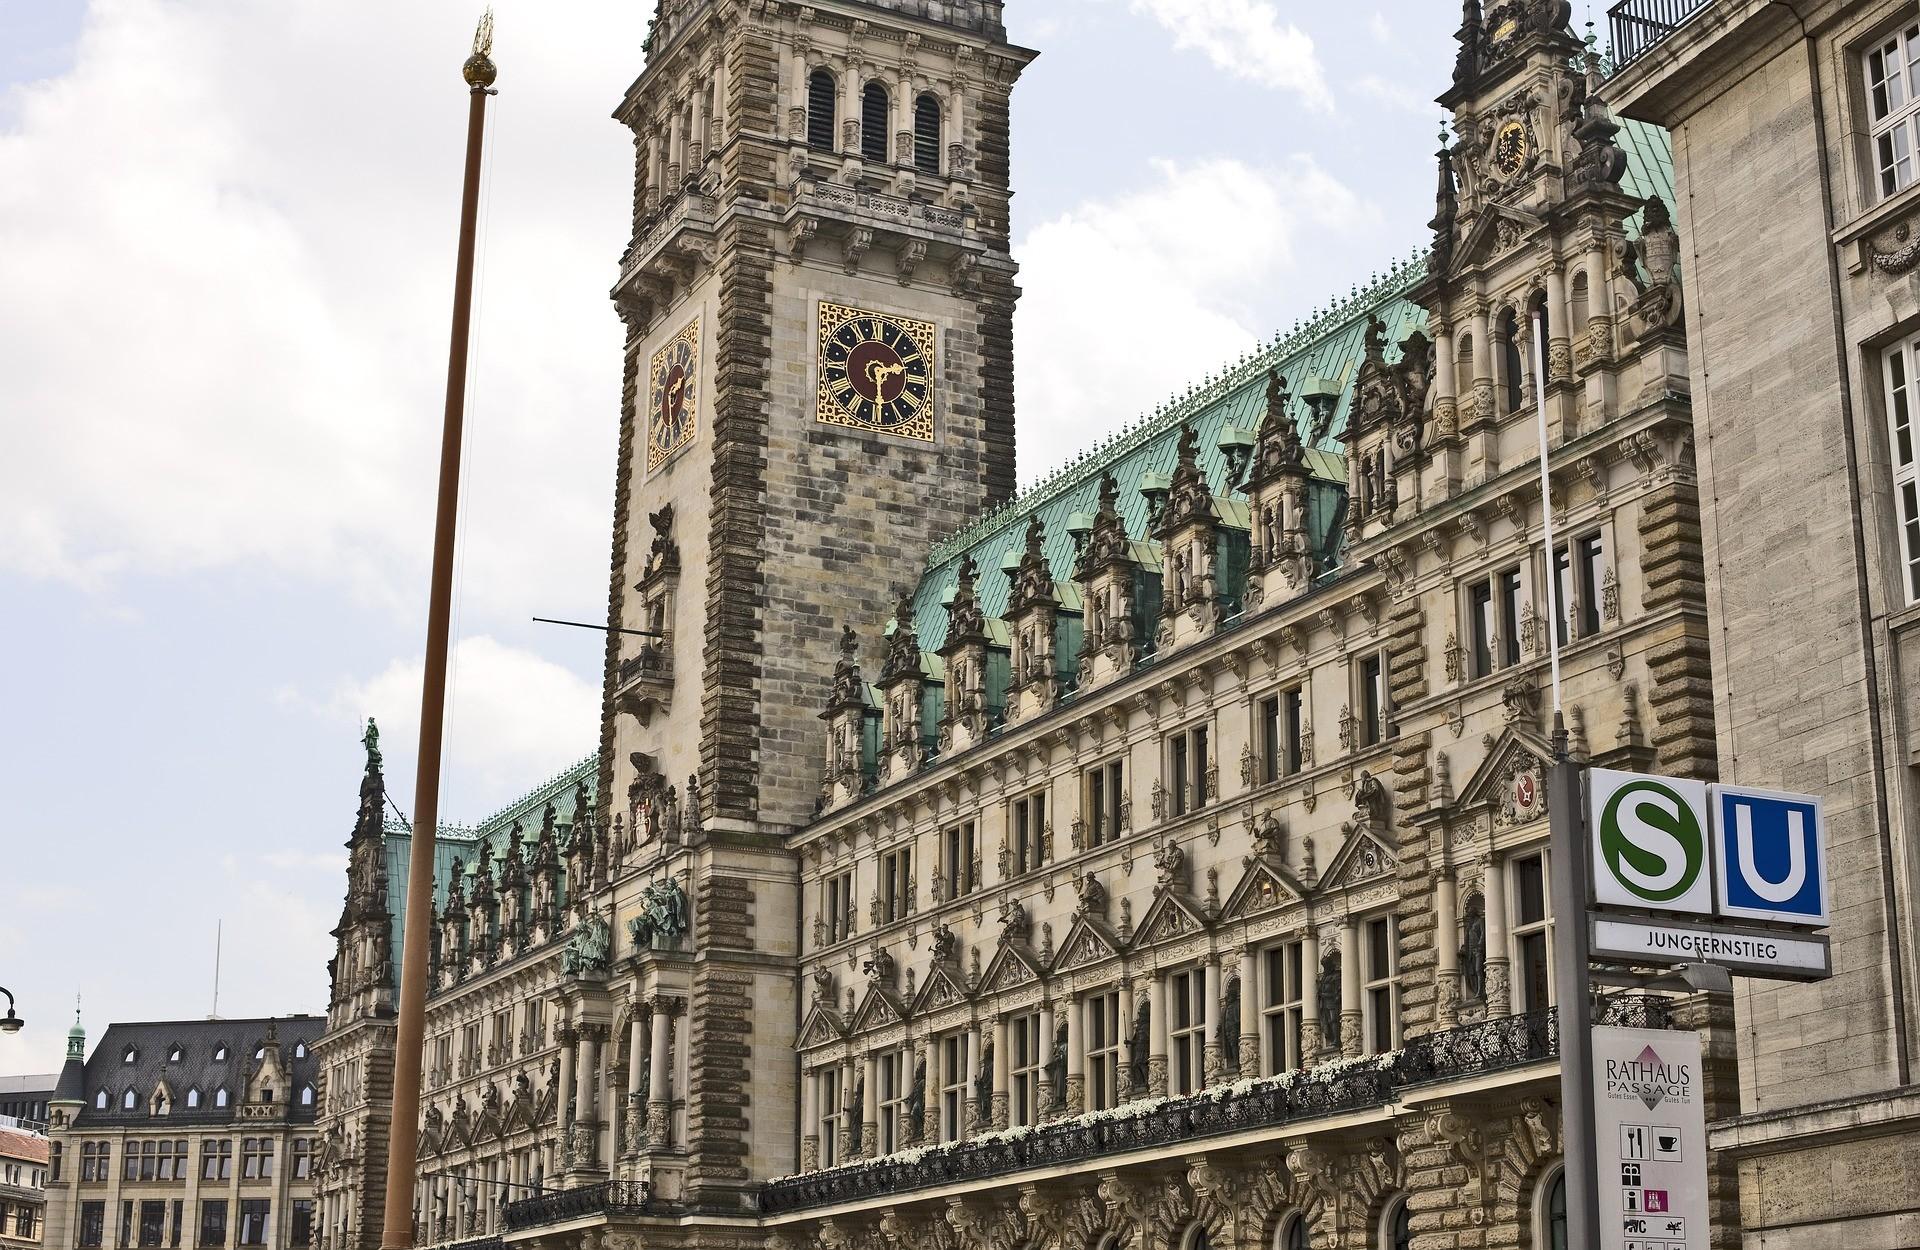 Cosa vedere ad Amburgo: Il Municipio di Amburgo